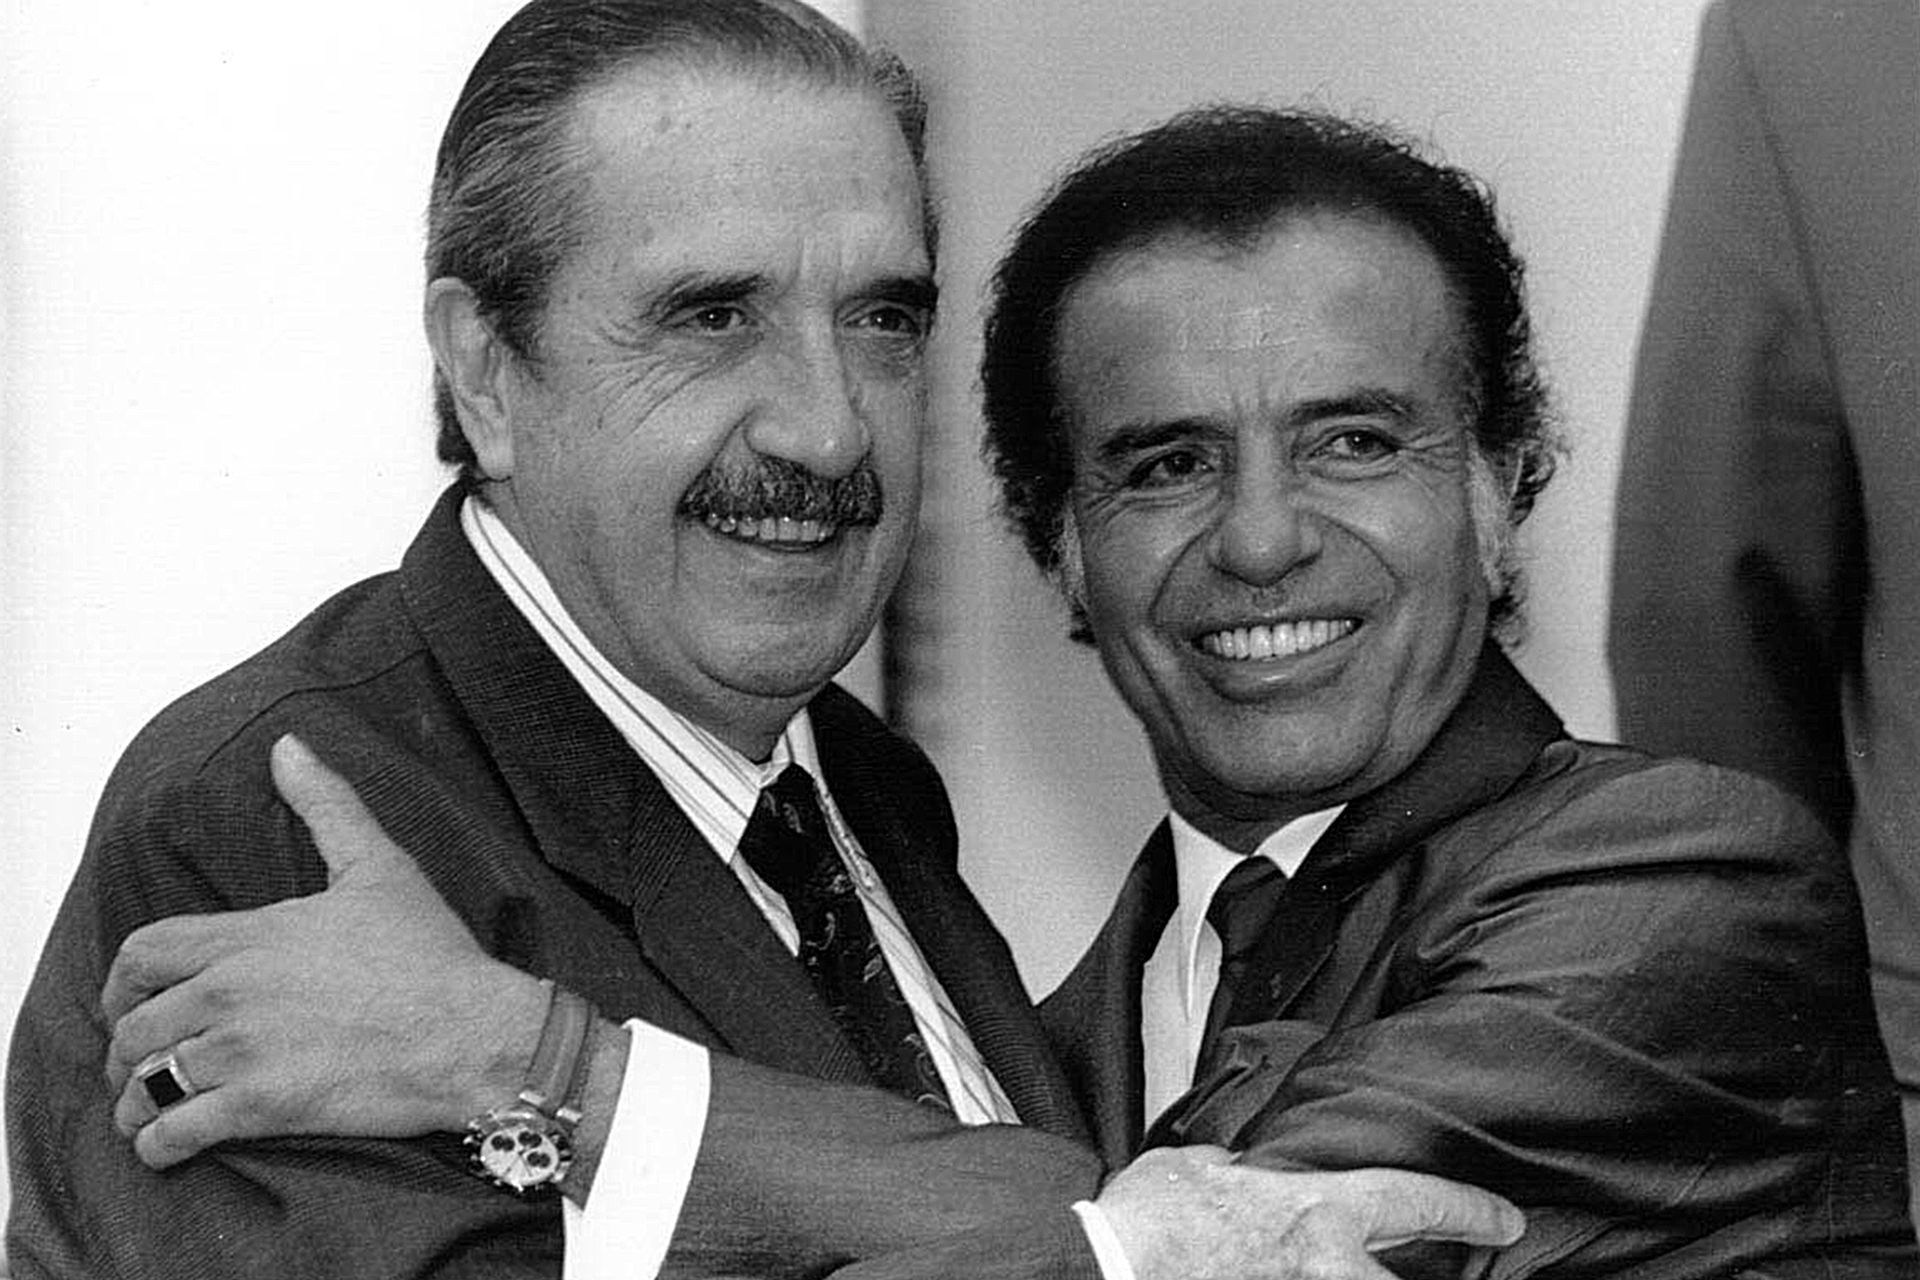 Carlos Saúl Menem y Raúl Alfonsin, el 14 de noviembre de 1993; el Pacto de Olivos empezaba a marcar una nueva etapa política